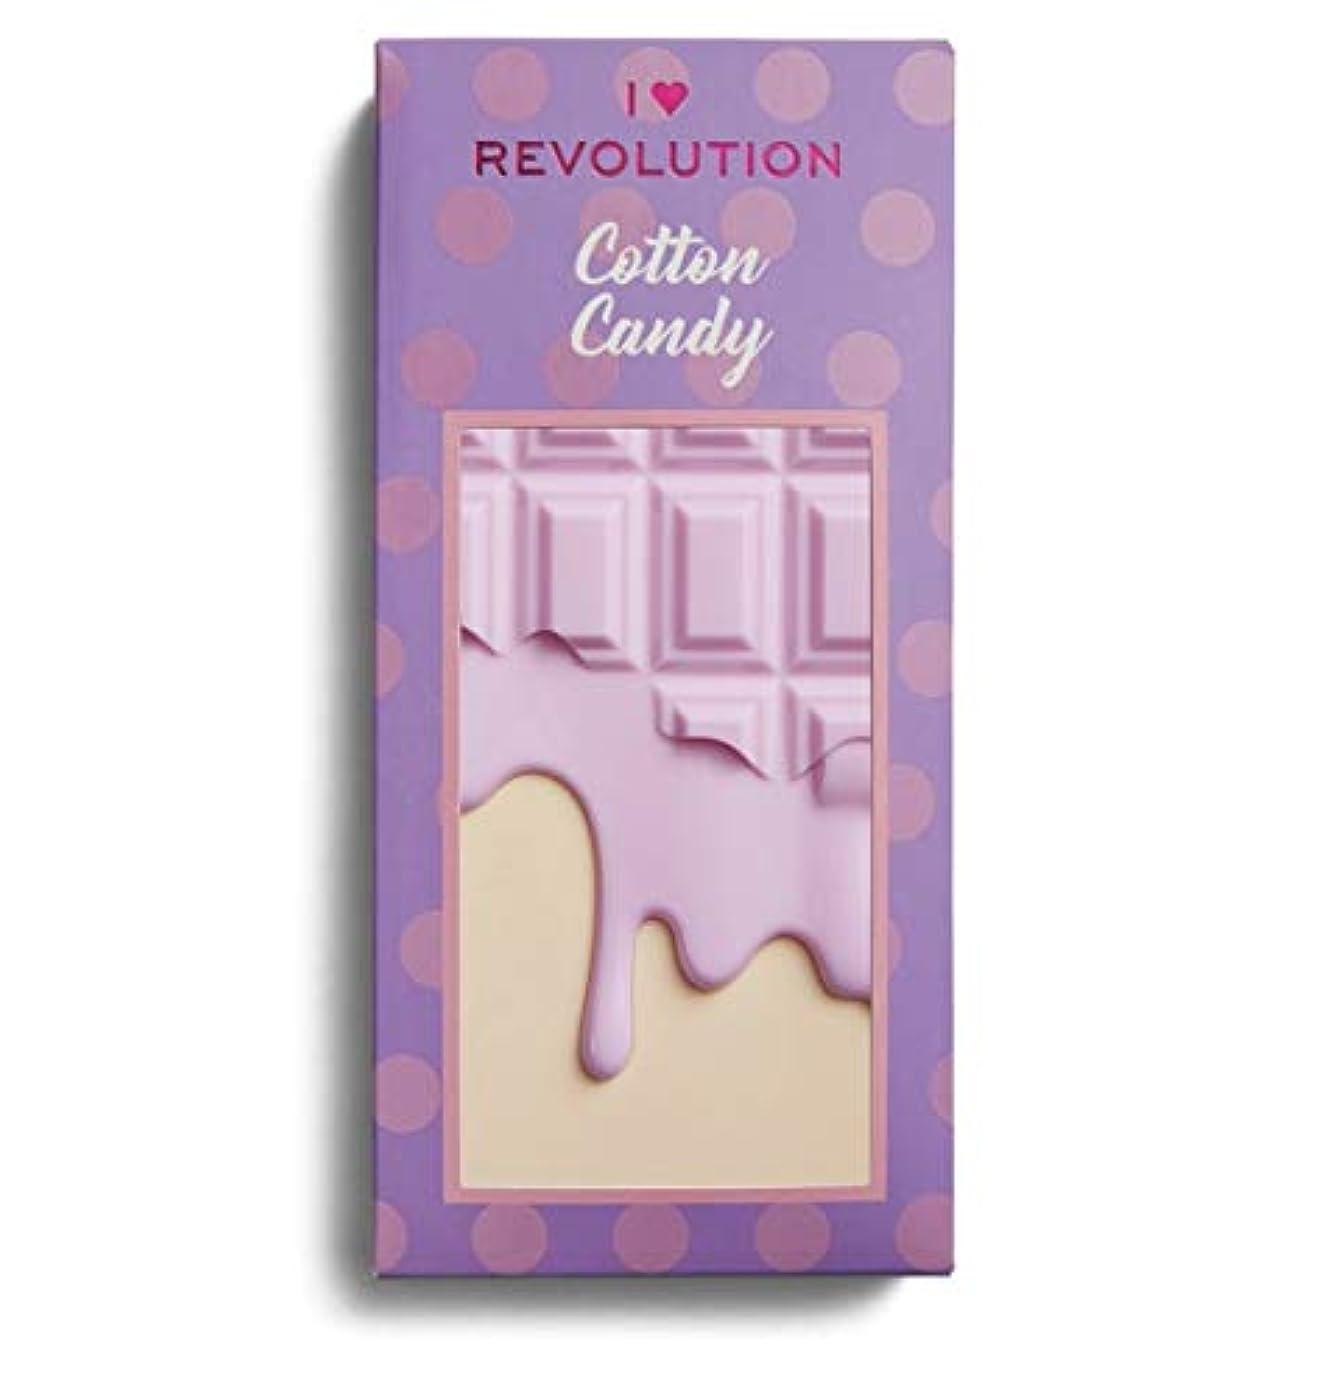 地下なんとなくバストメイクアップレボリューション アイラブメイクアップ チョコレート型16色アイシャドウパレット #Cotton Candy